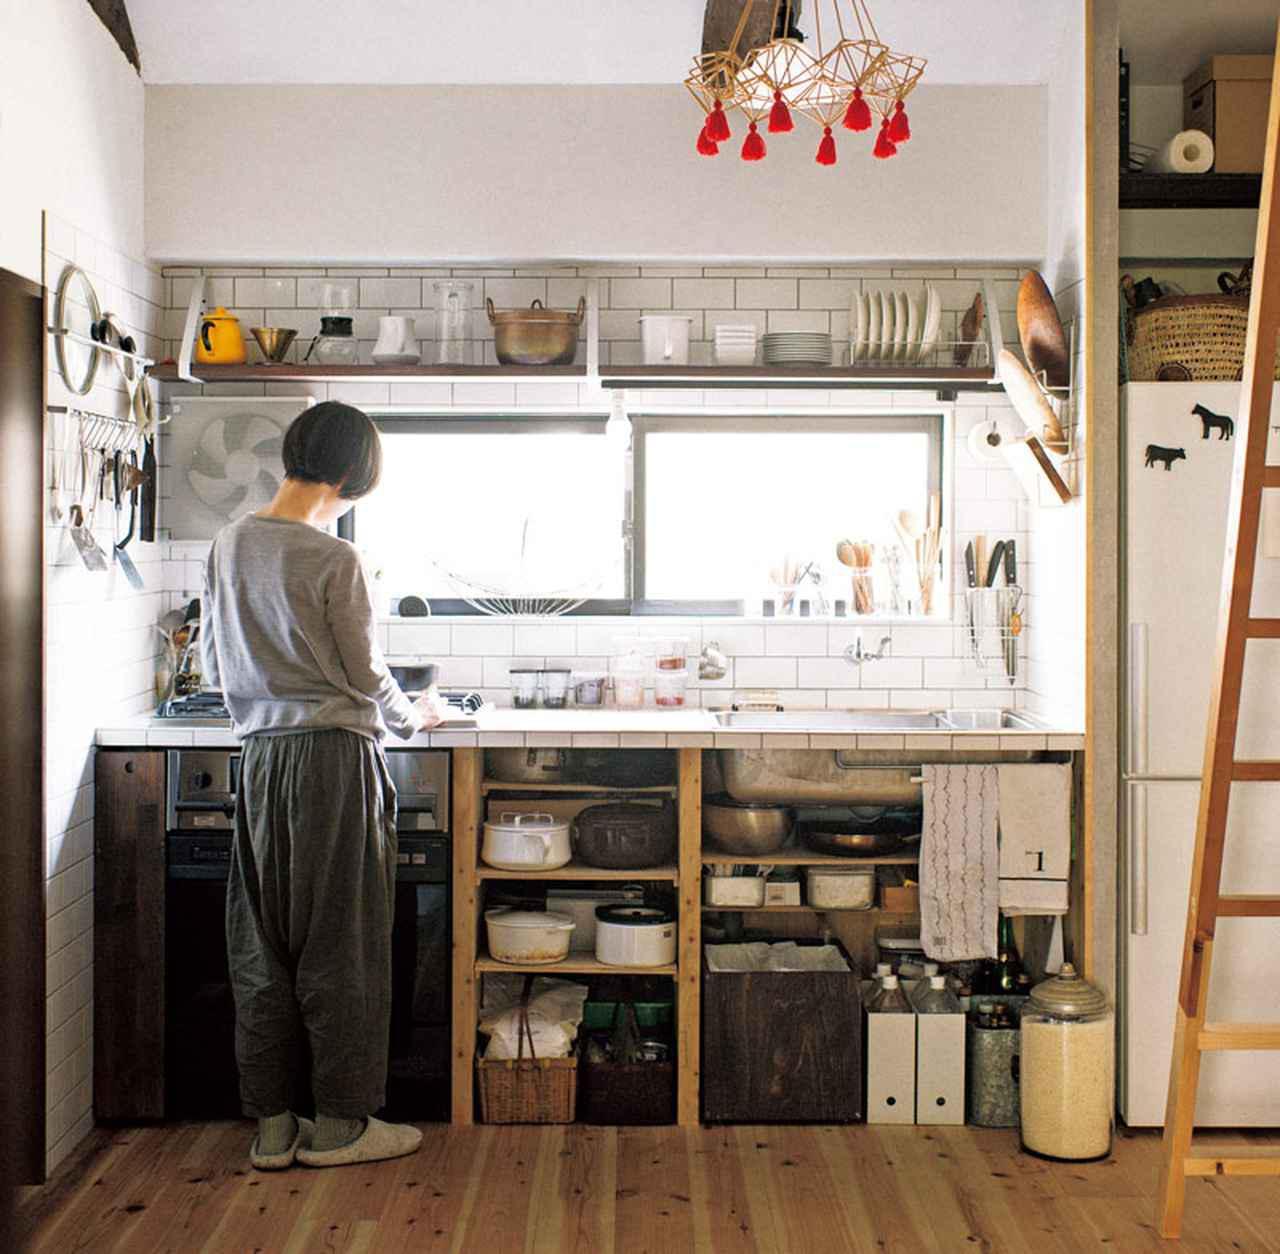 画像: キッチンは手づくりの収納スペースで|片づけが楽しい家/扉野良人さん、鈴木 潤さん